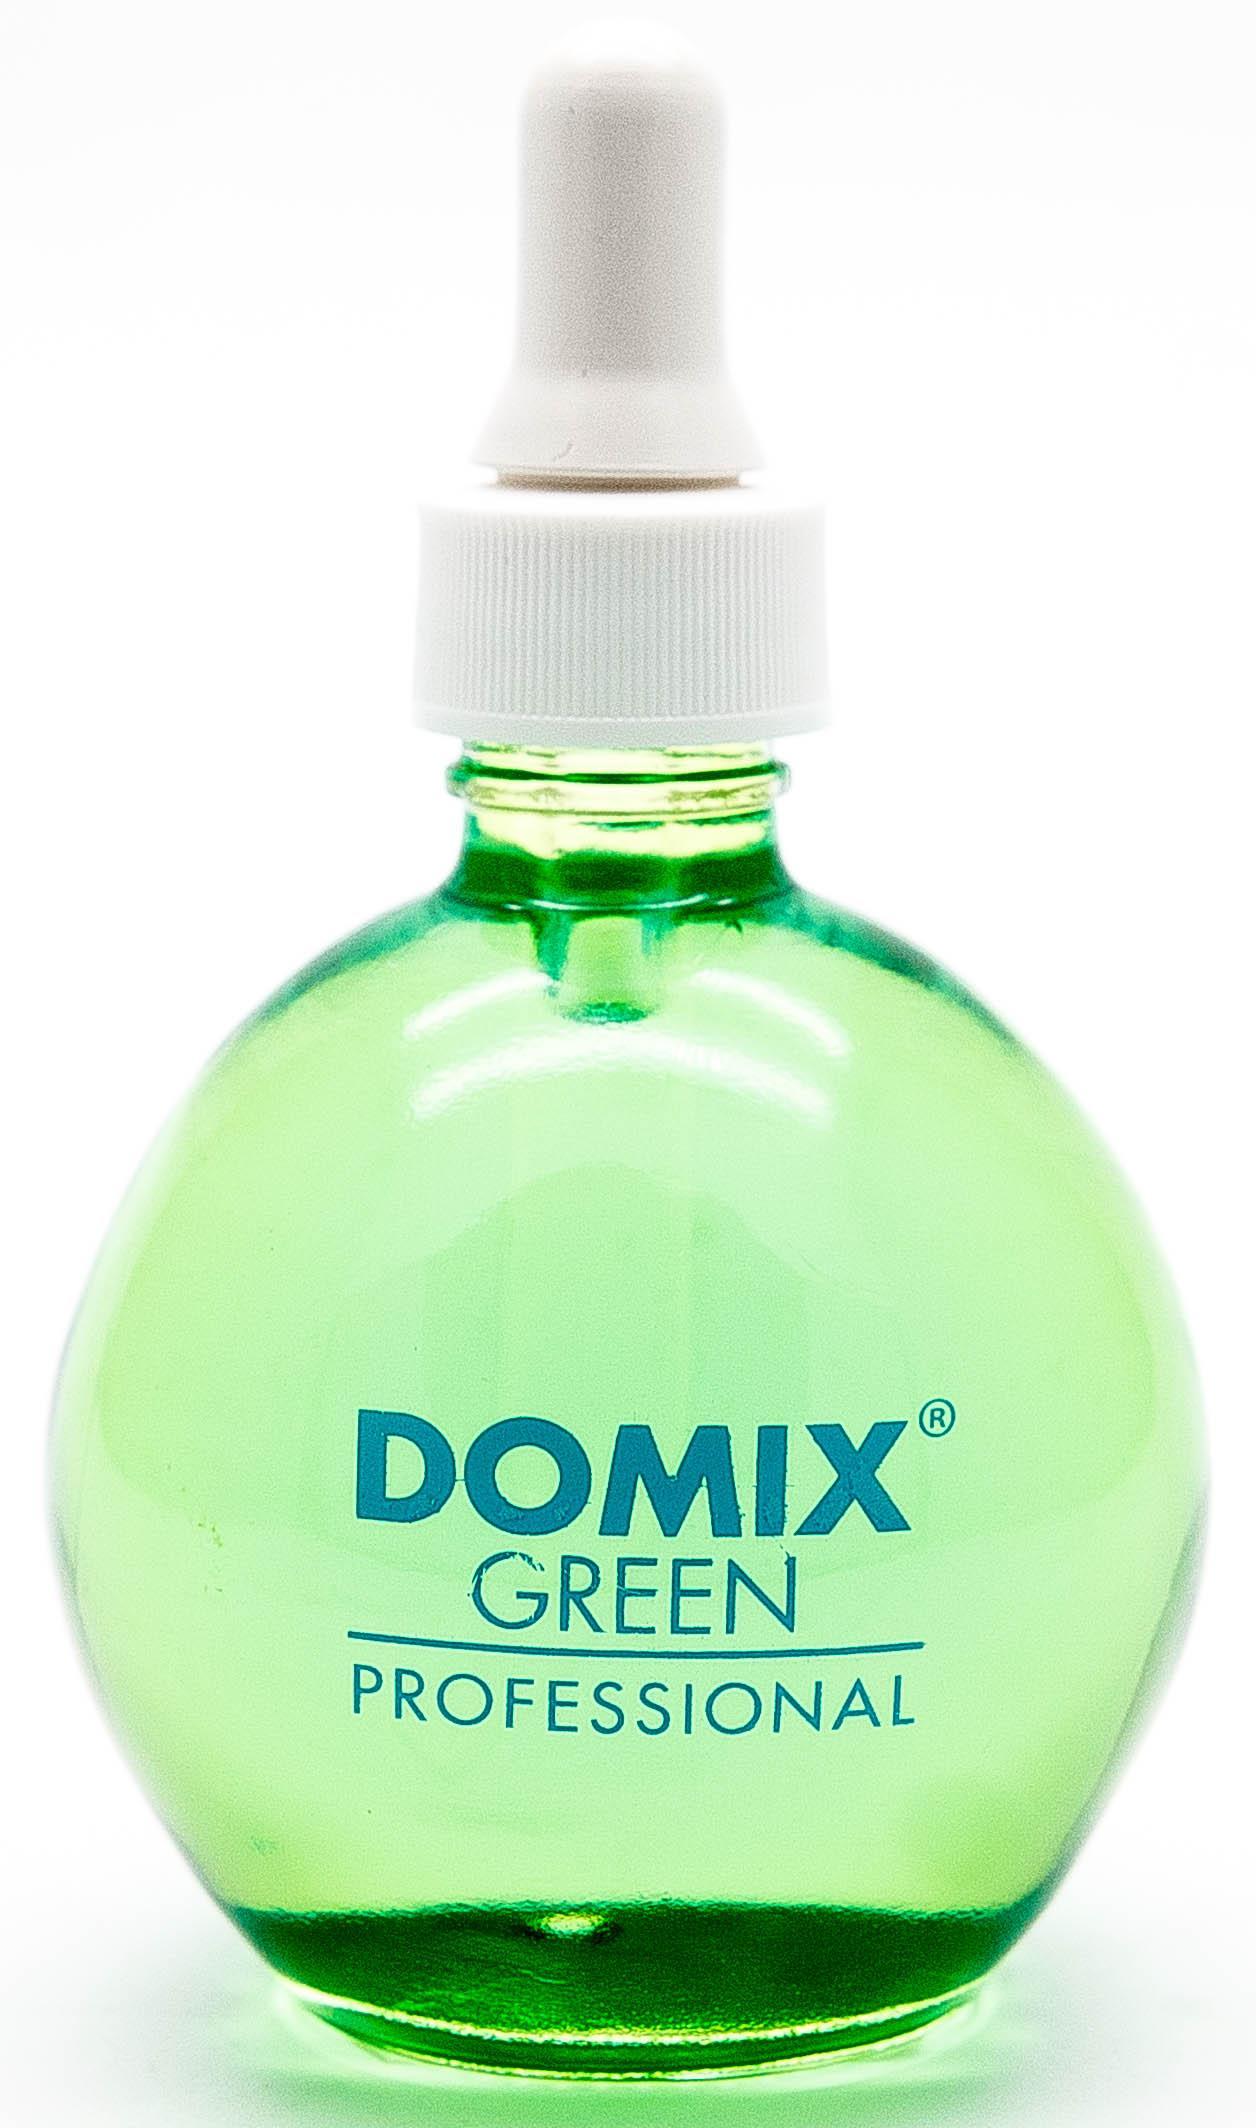 DOMIX Масло для ногтей и кутикулы, авокадо (пипетка) 75 мл